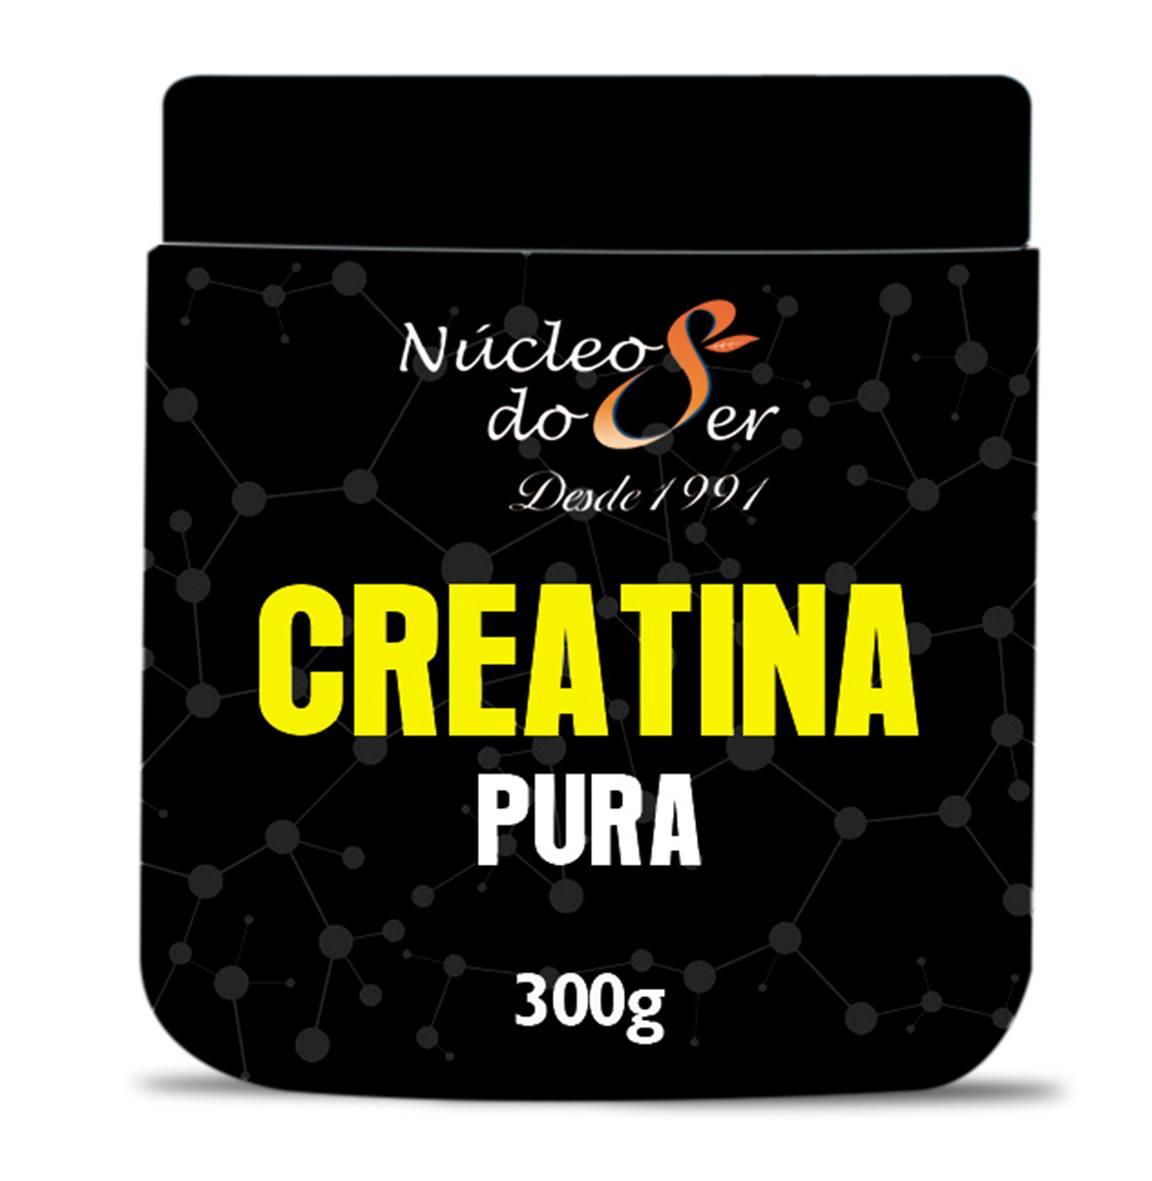 Creatina Pura 300G <br>Suplementos e Nutrição - R$ 35,00